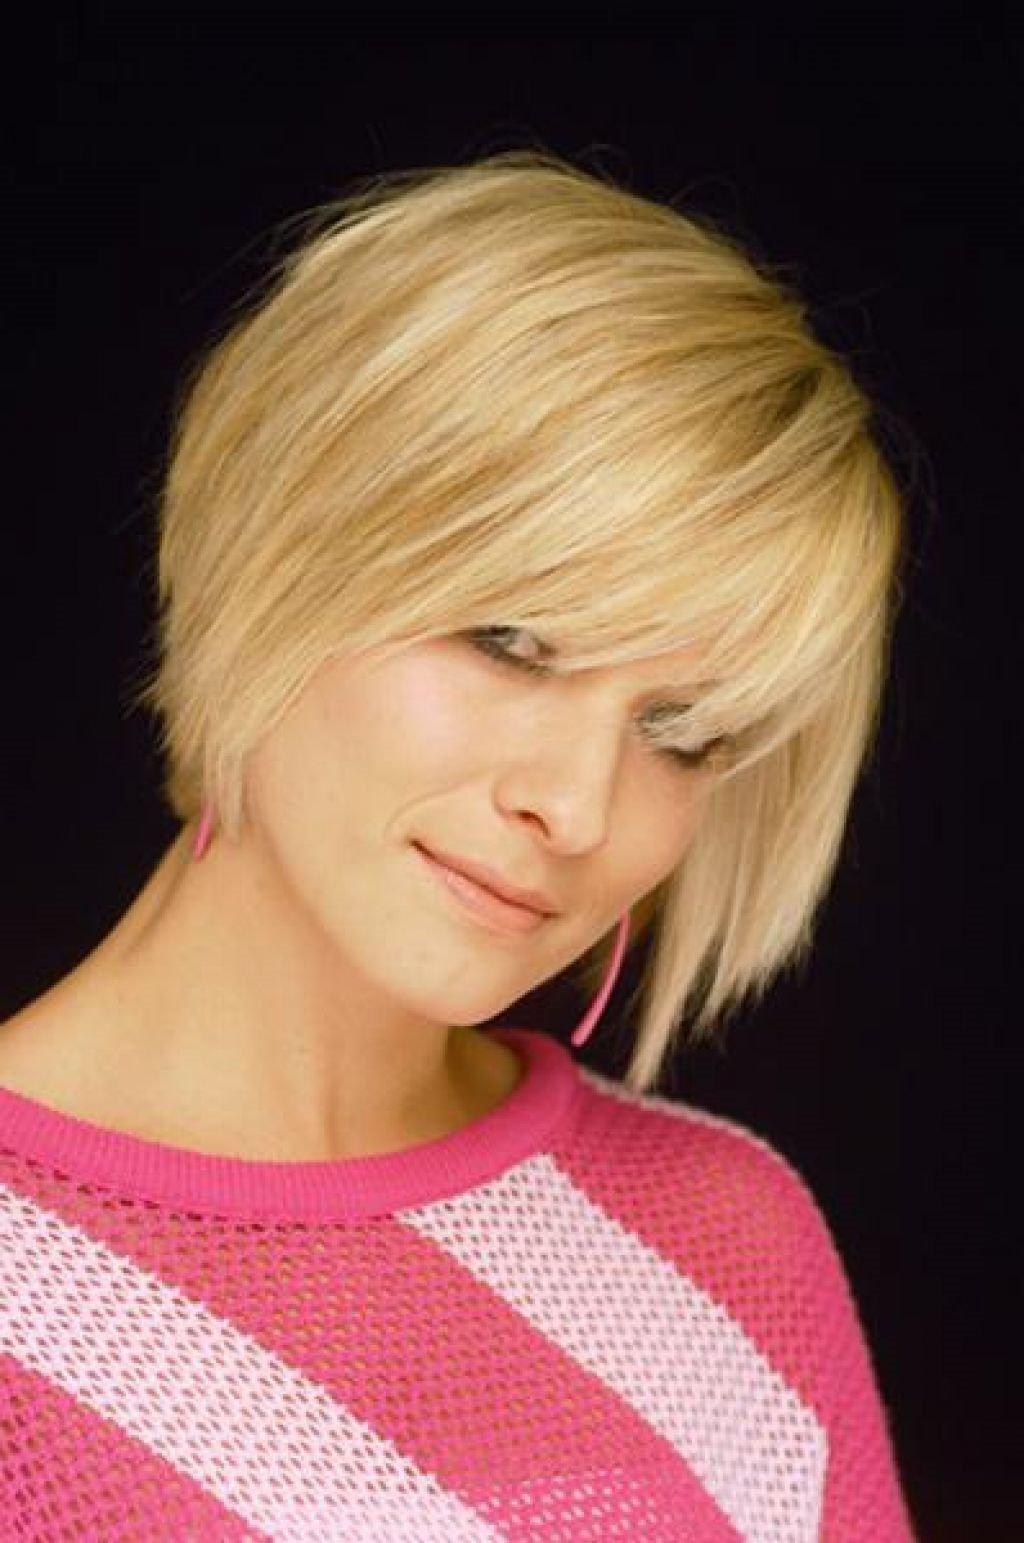 image120-1 | Модные женские стрижки на короткие волосы: основные правила и варианты исполнения